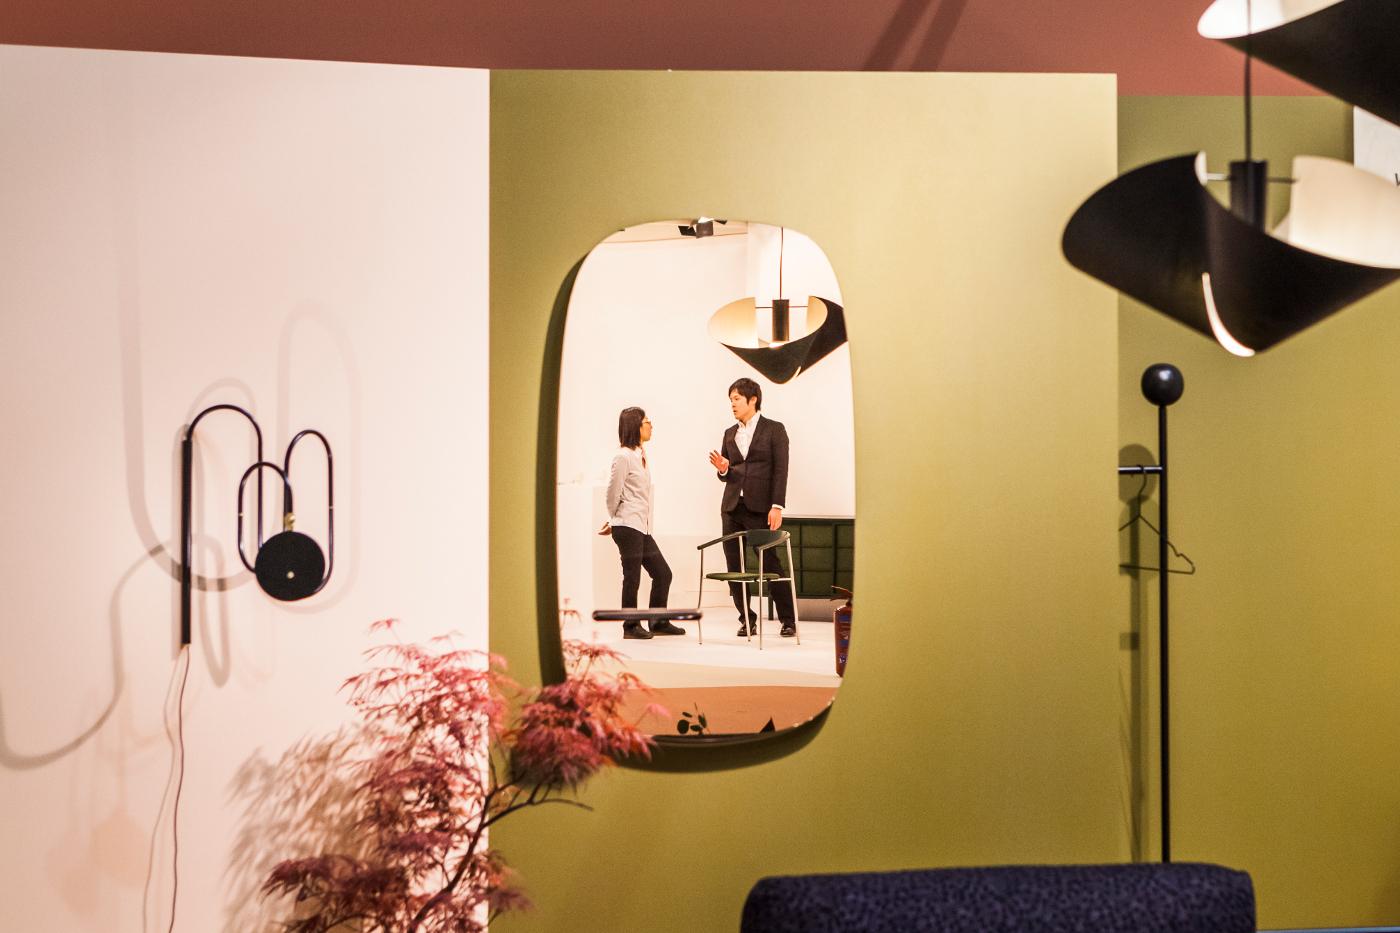 Le nuove frontiere del salone satellite livingcorriere for Salone satellite